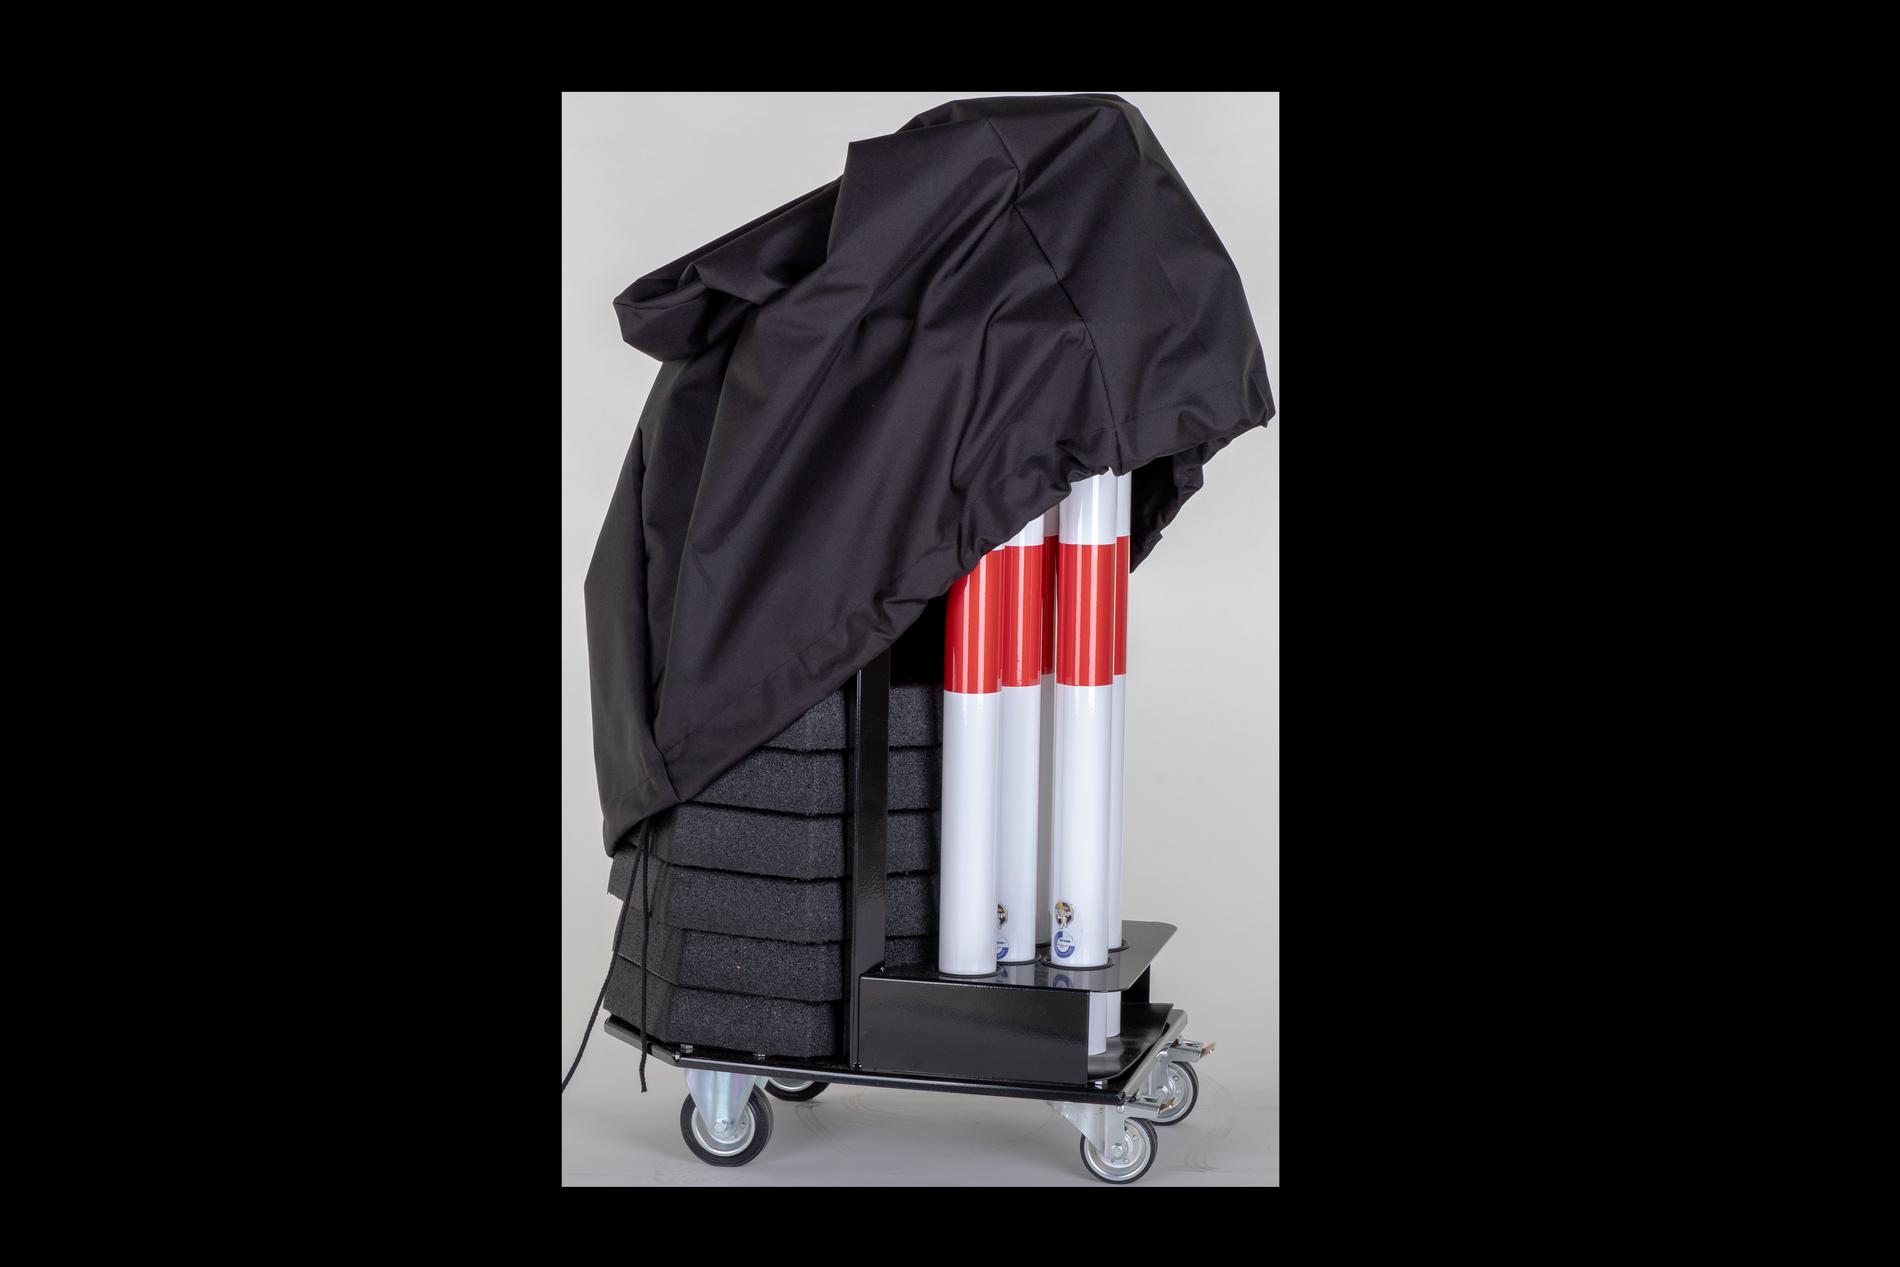 KPS-BAG - Abdeckung für Kettenpfostenwagen